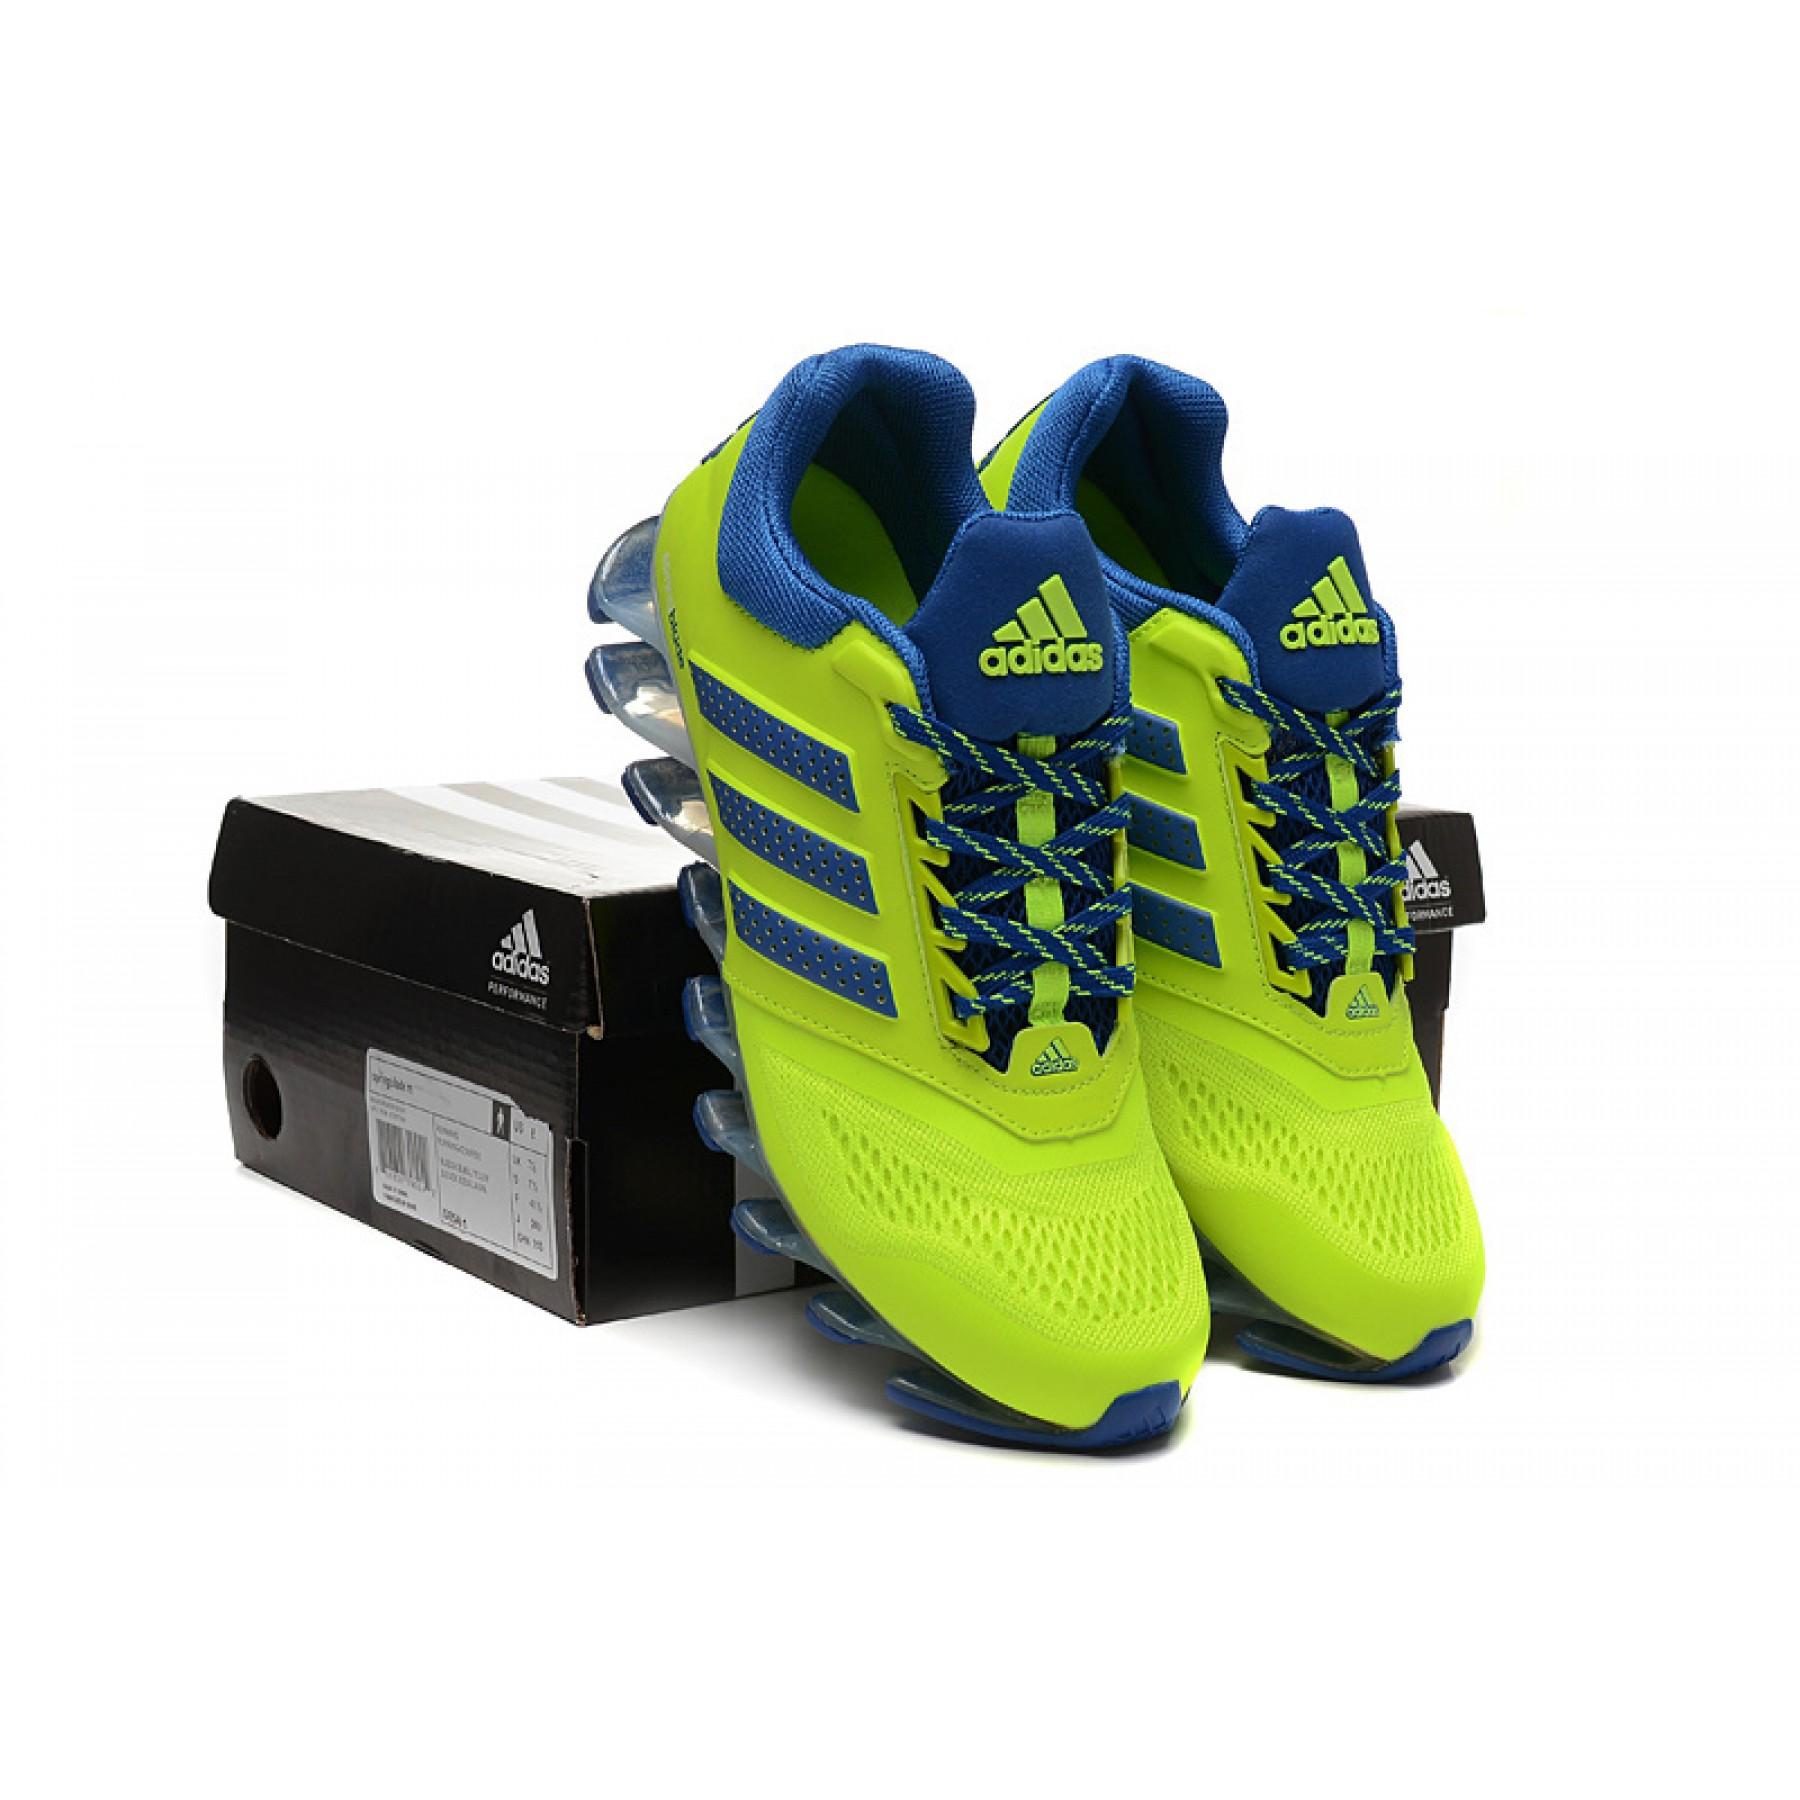 info for 182da bd2d7 2fefd 7f58e  australia tênis adidas springblade drive 2.0 masculino verde  lima e azul cod 0546 810b0 49f97